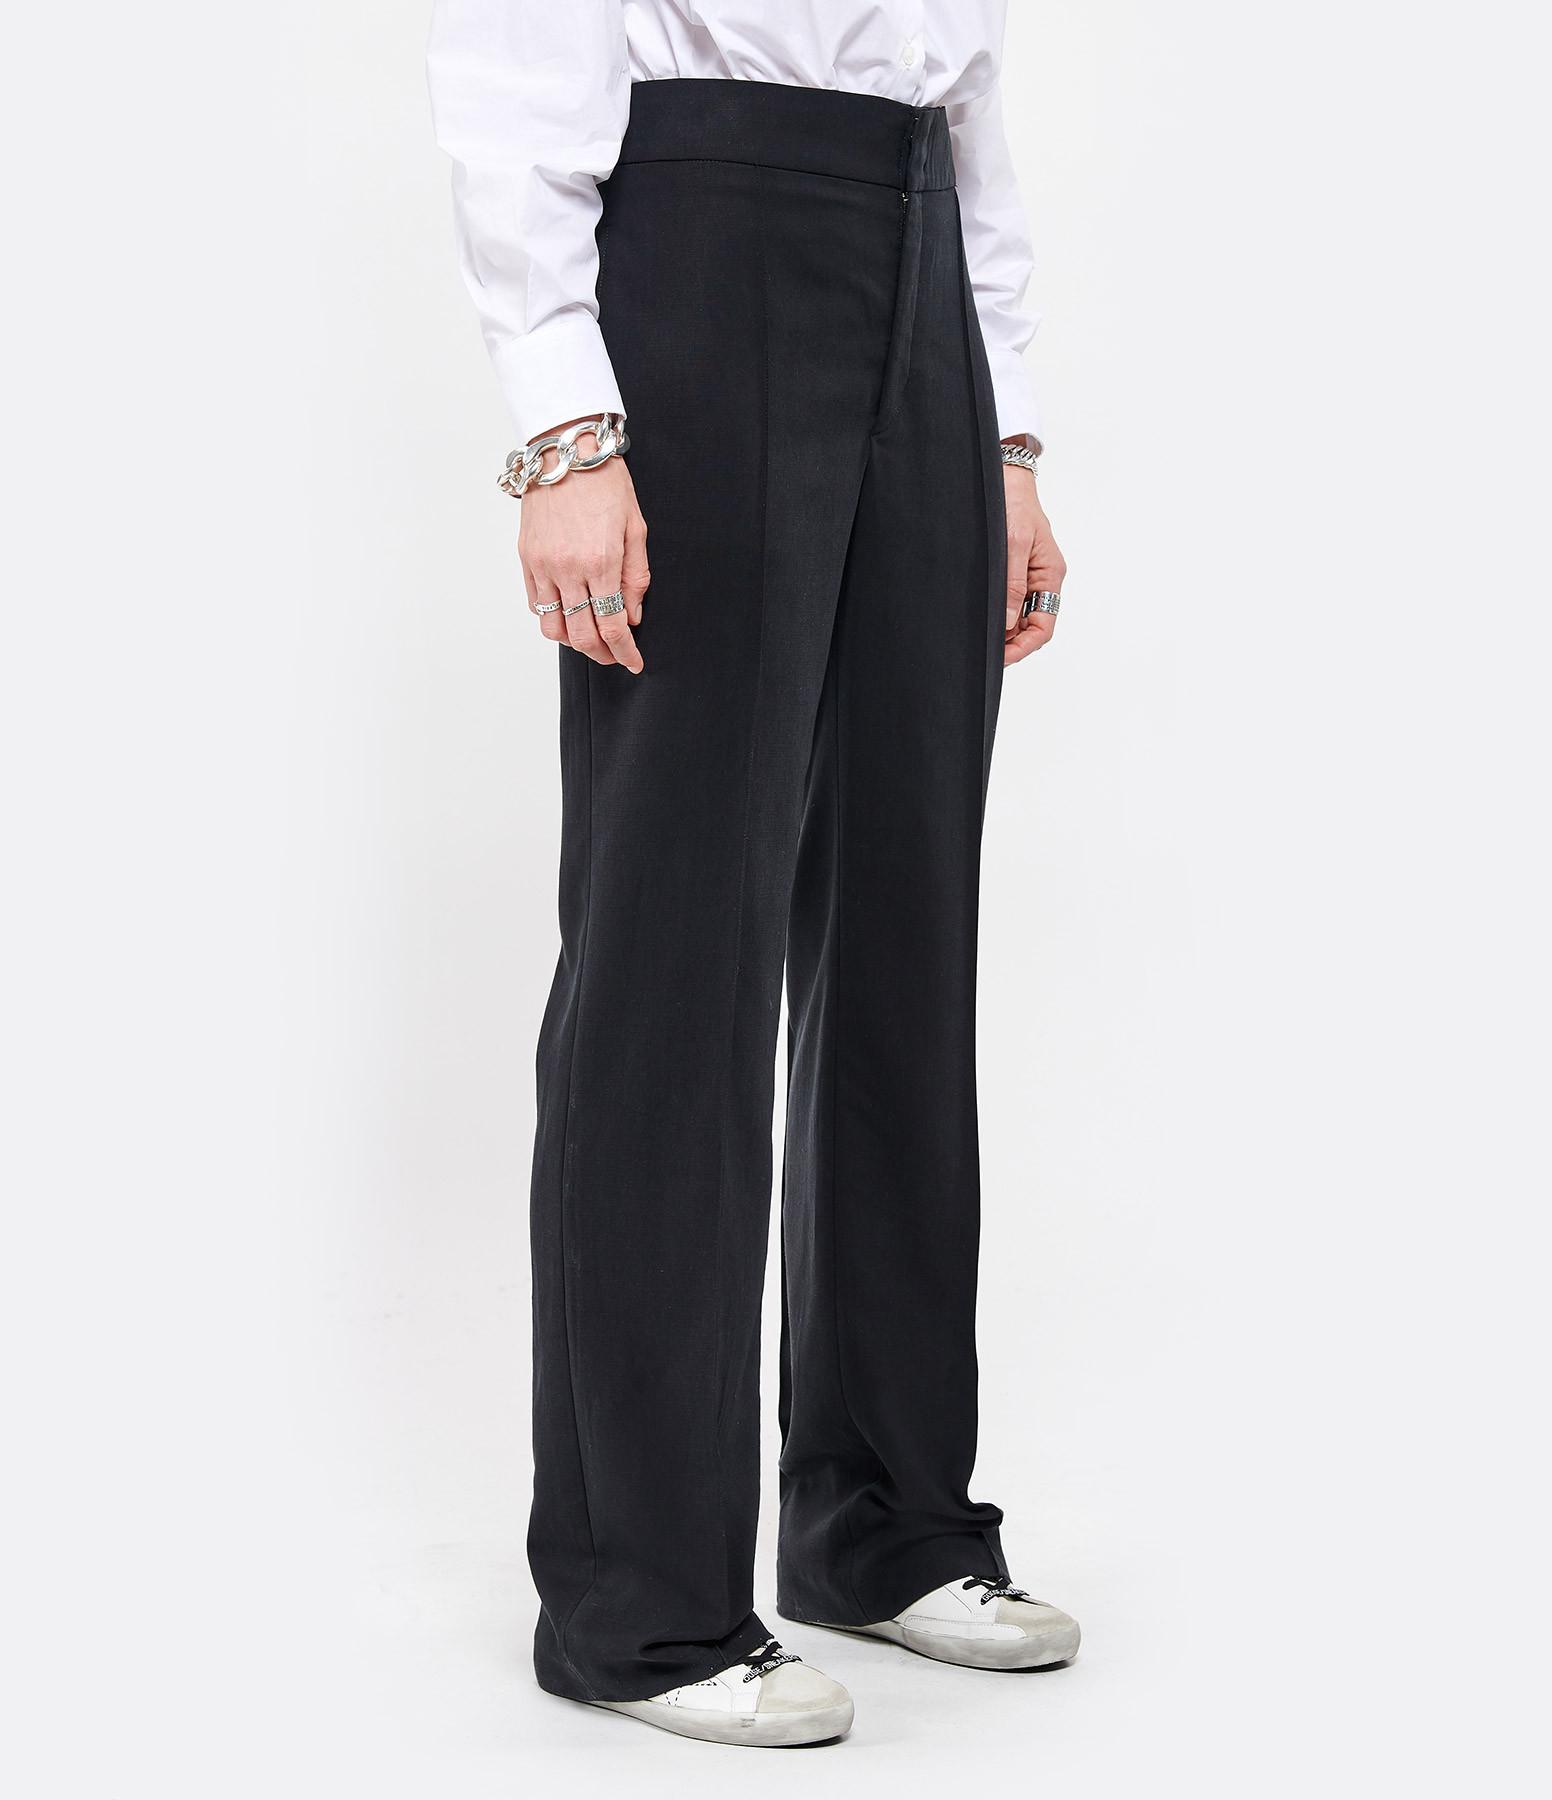 ISABEL MARANT - Pantalon Sorokia Noir